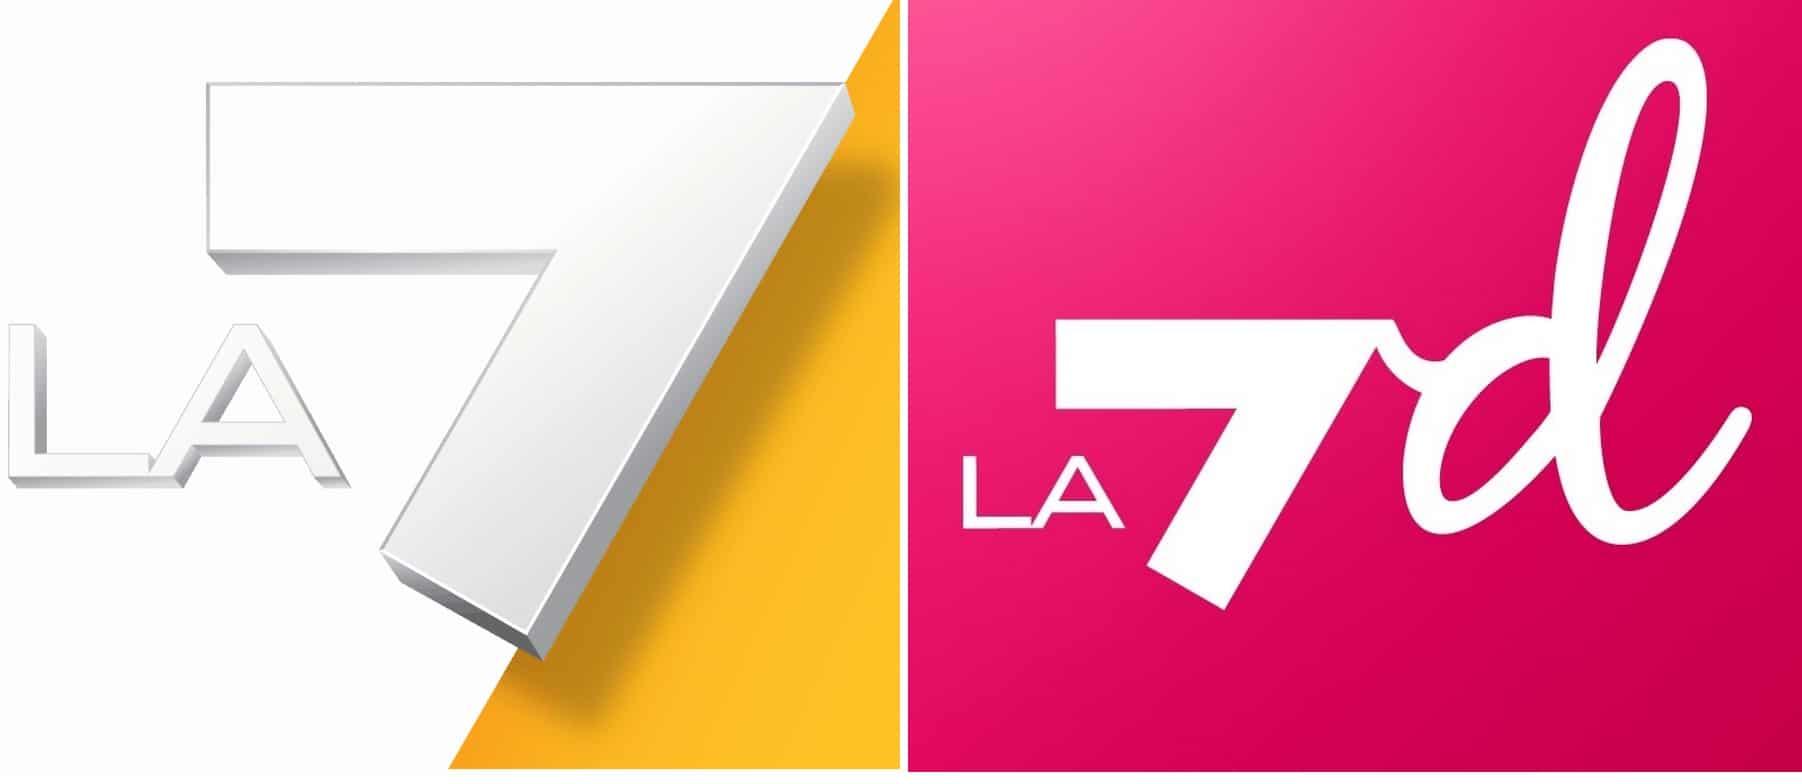 la7 - Abitark